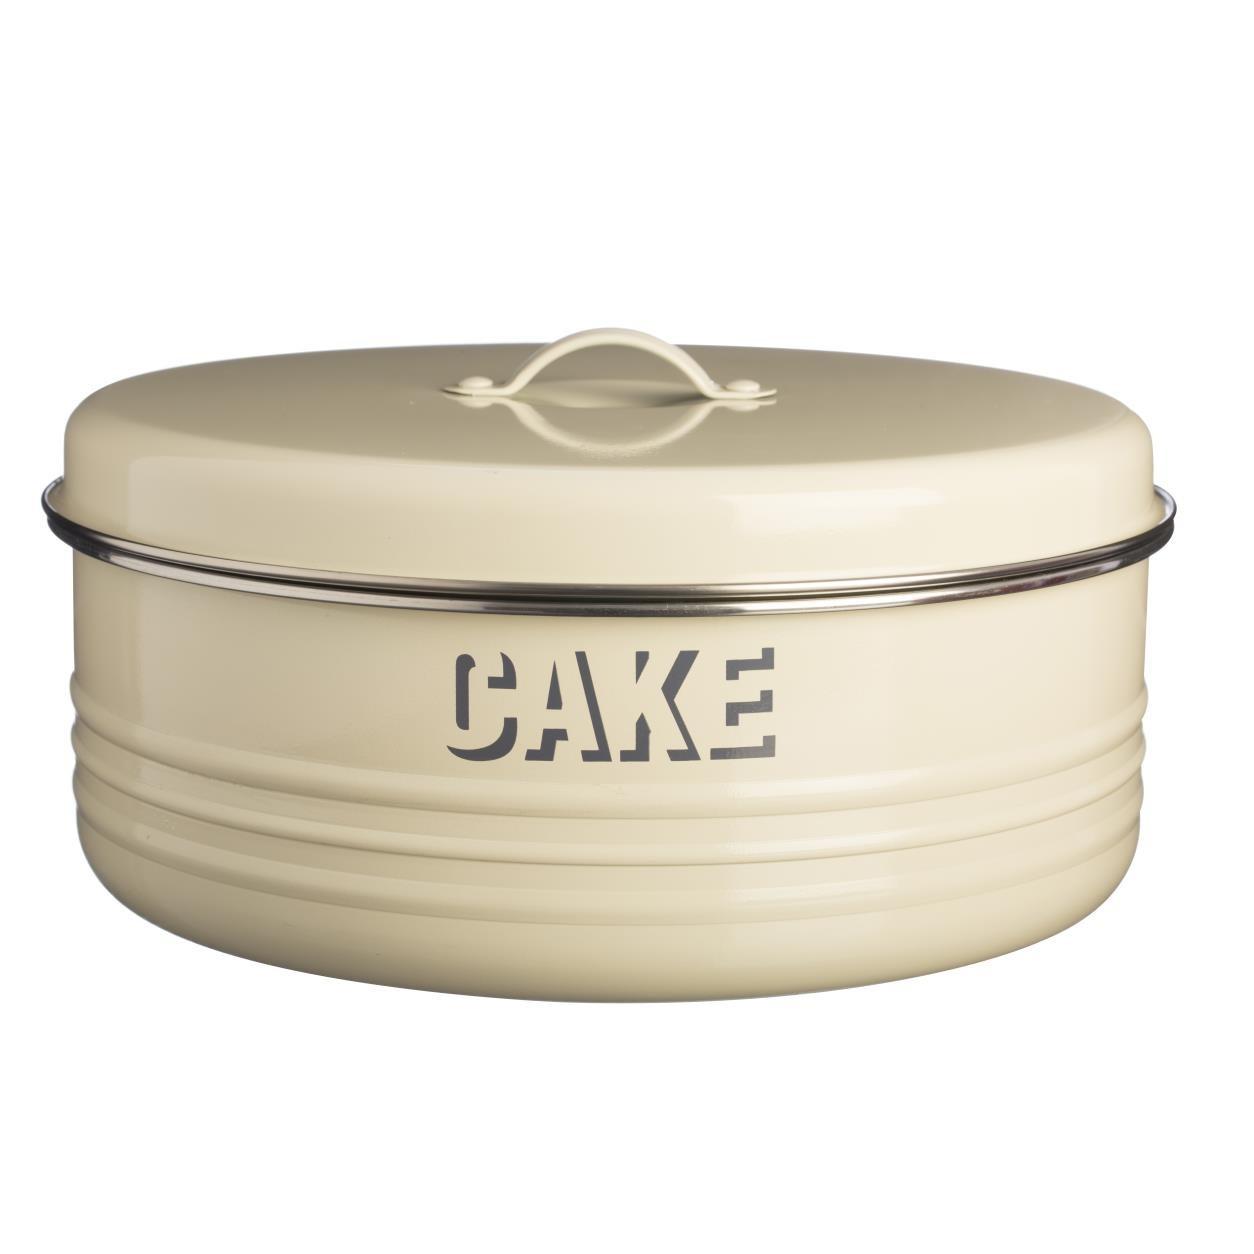 Θήκη Για Κεϊκ Vintage Μεταλλική Cream Typhoon home   ζαχαροπλαστικη   τουρτιέρα   θήκες cake